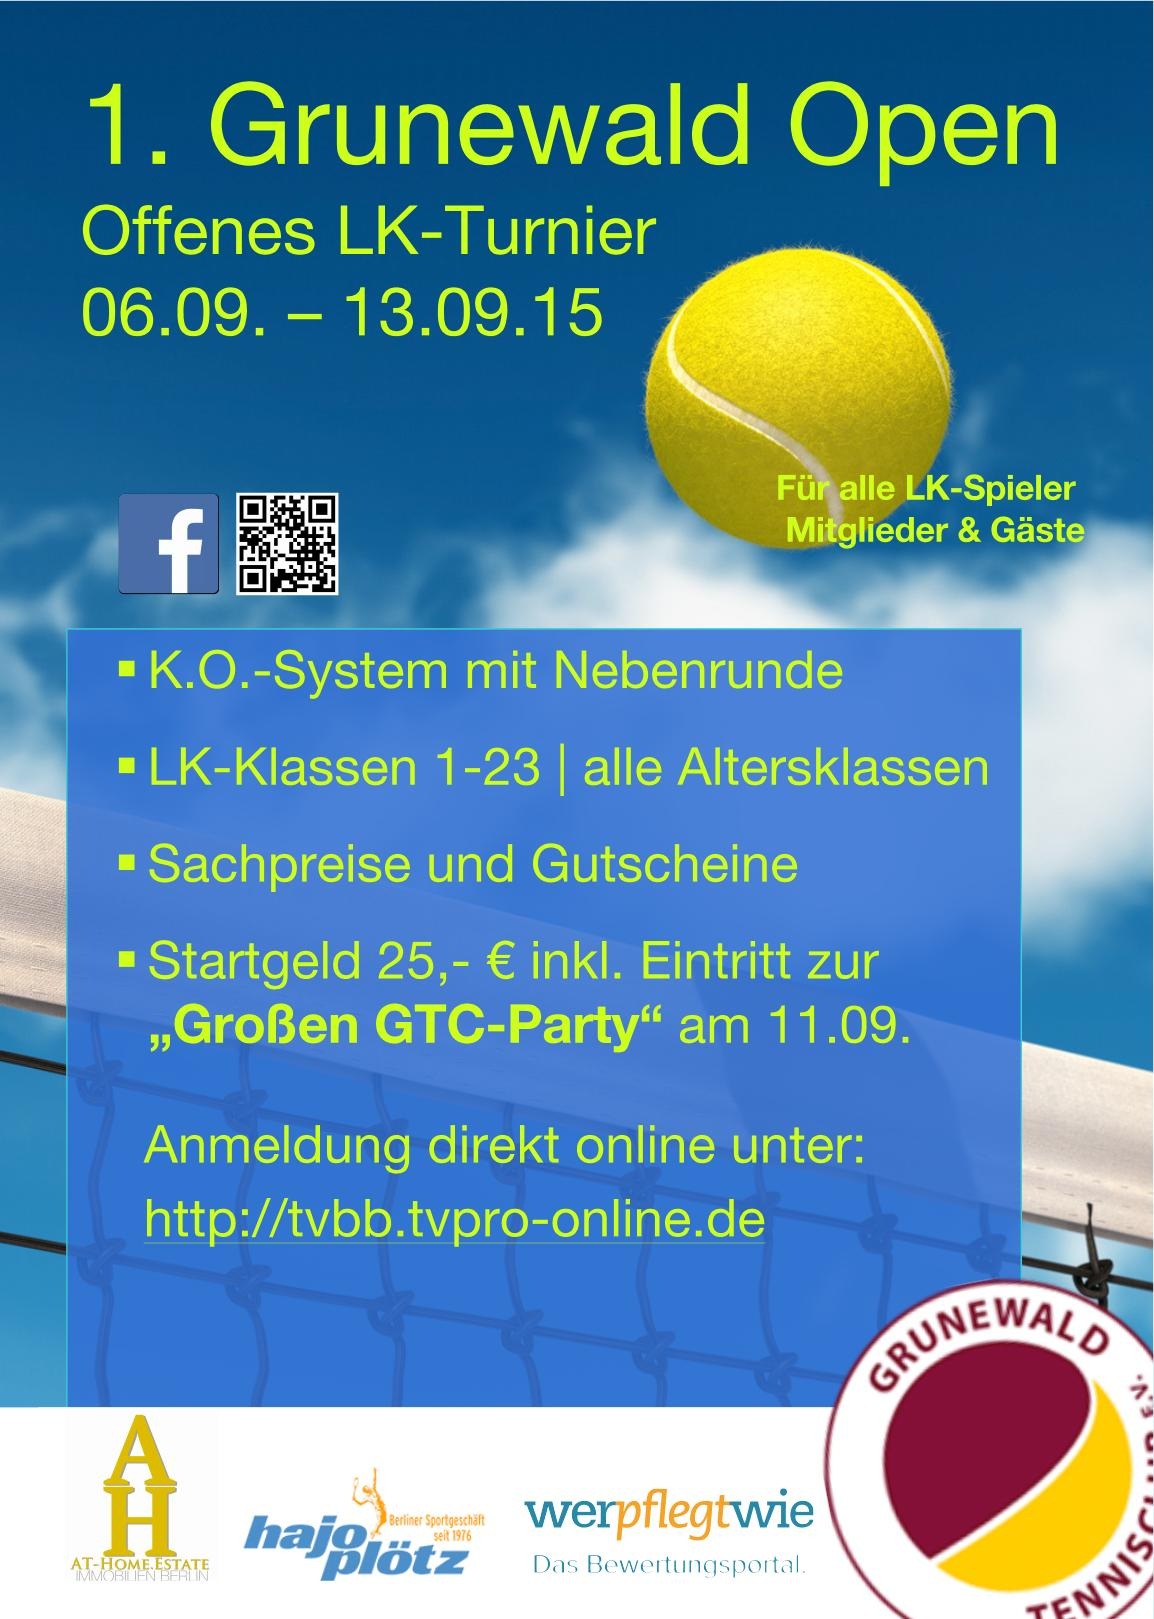 1. Grunewald Open